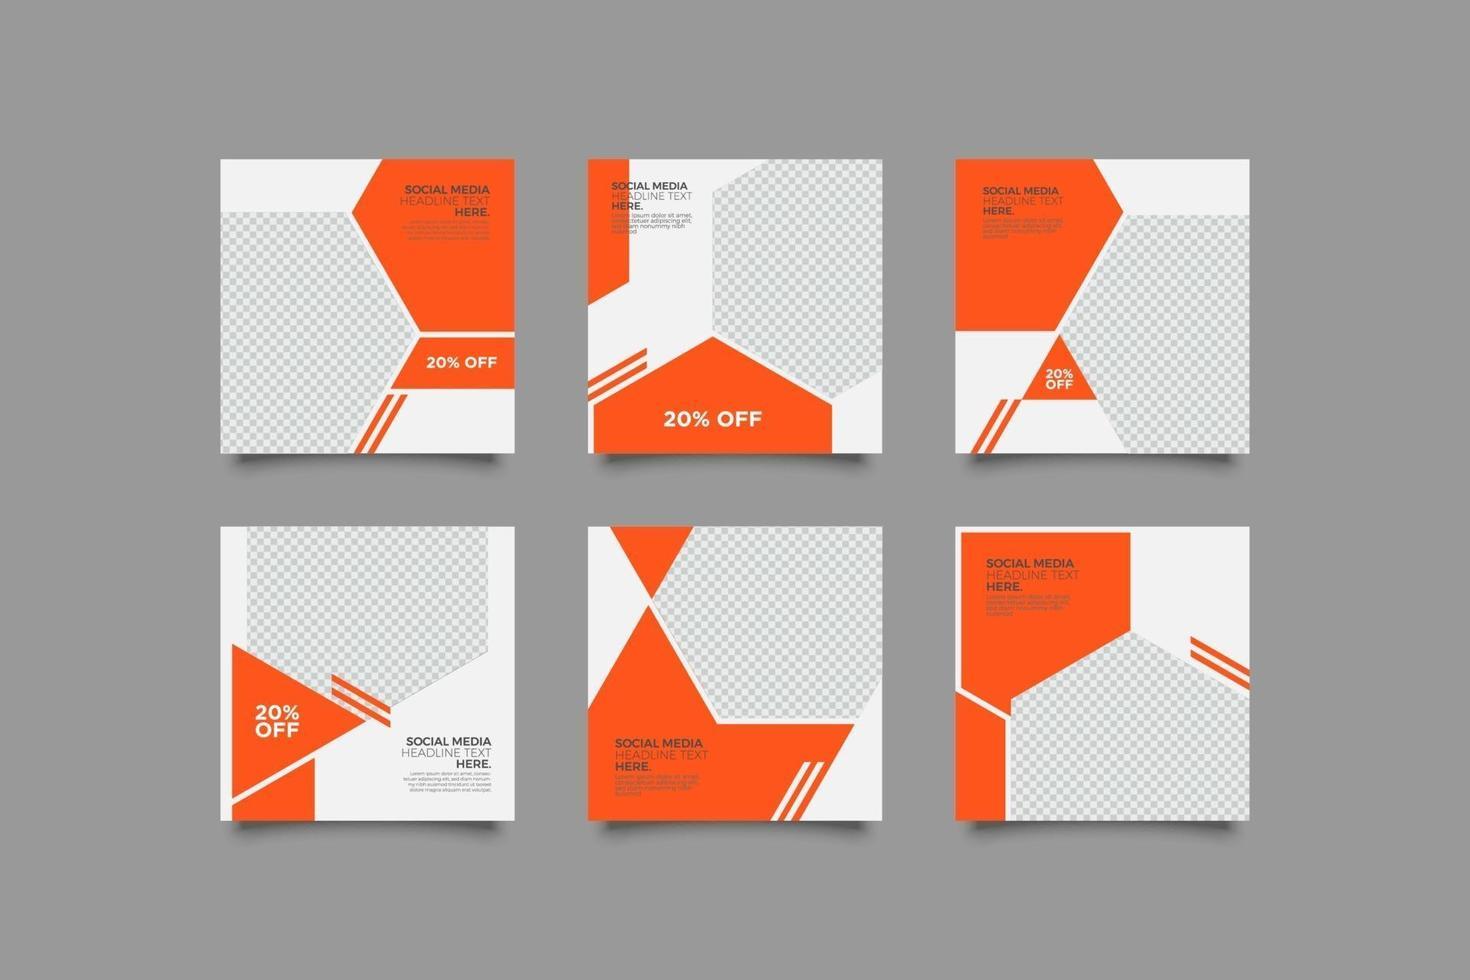 minimalistisk modern orange inläggsmall för sociala medier vektor